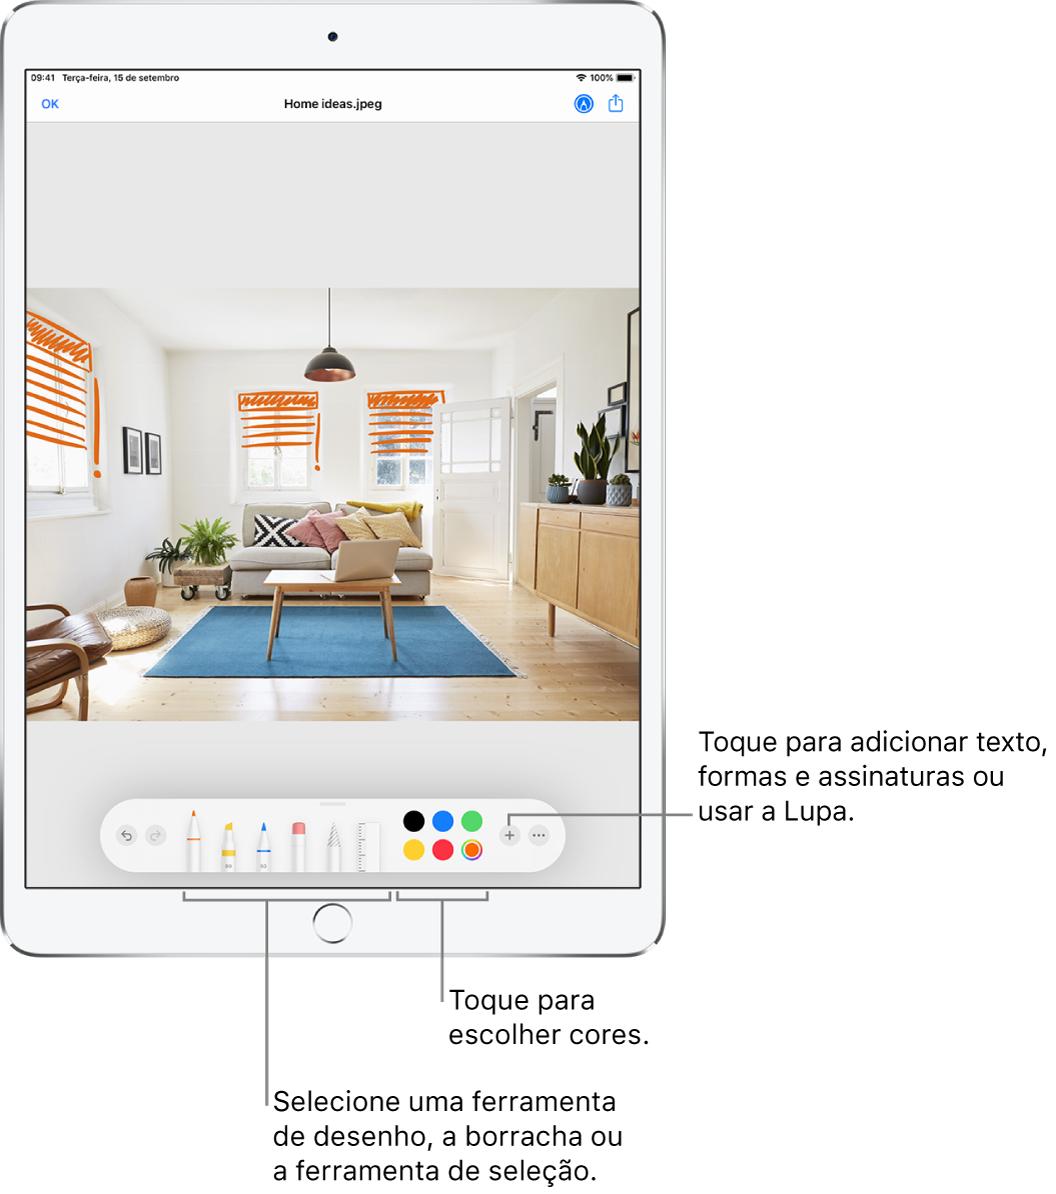 Uma imagem em uma janela de Marcação. Abaixo da imagem, da esquerda para a direita, estão os botões das ferramentas de Marcação: canetas, borracha, ferramenta de seleção, cores e botões para adicionar uma caixa de texto, assinatura e formas, e para escolher a Lupa.